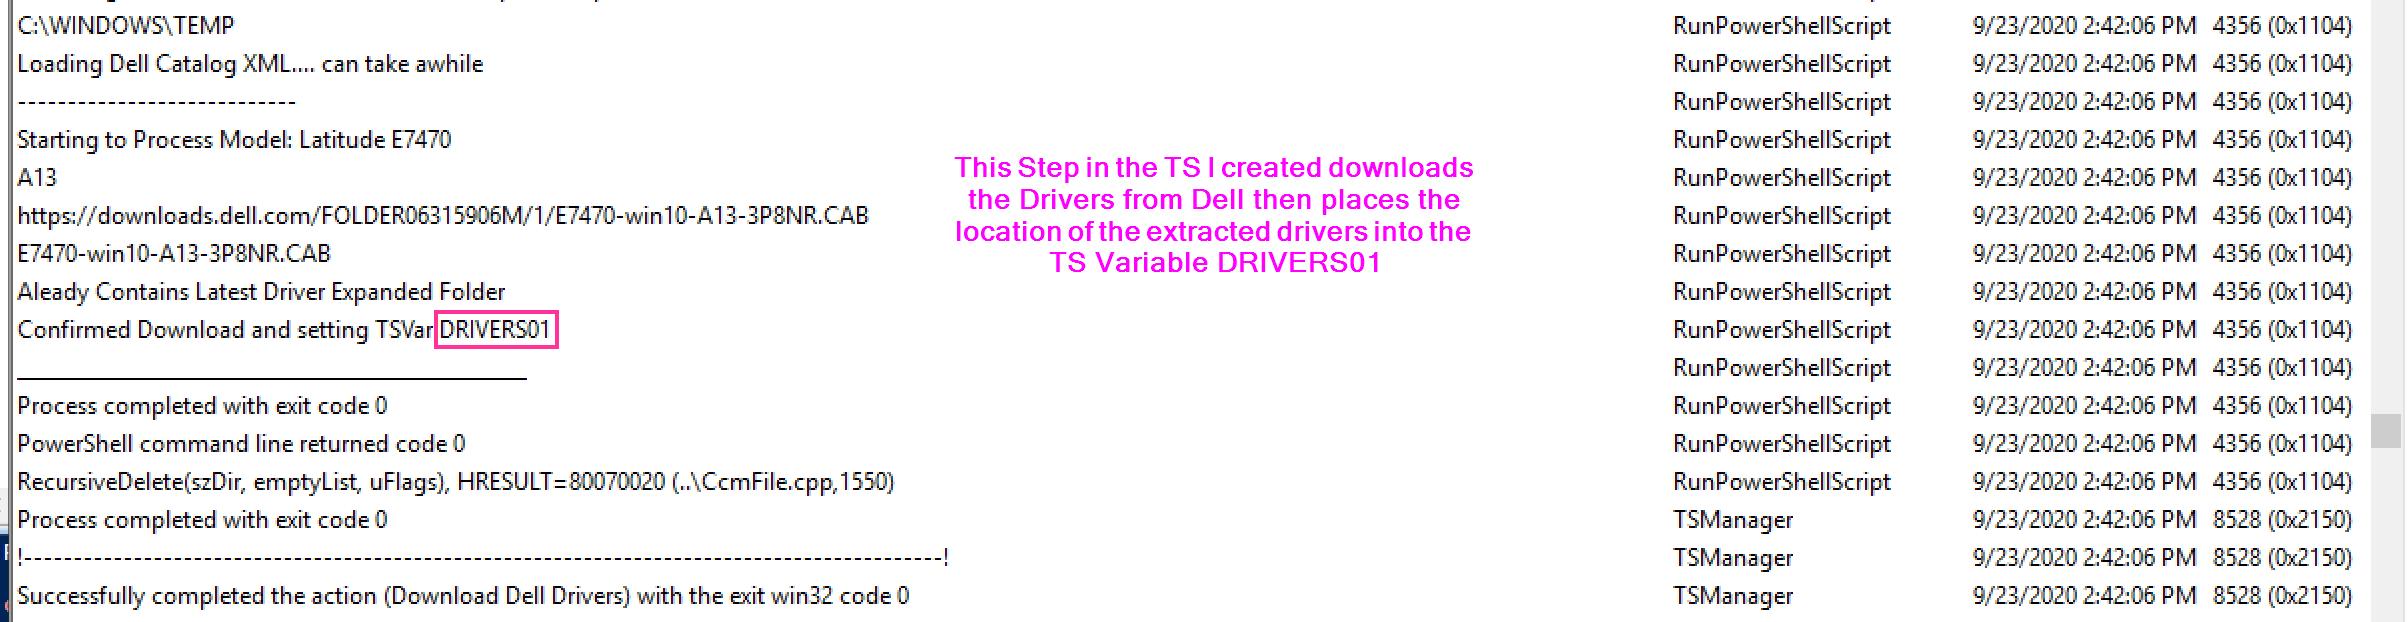 Upgrade OS Image31